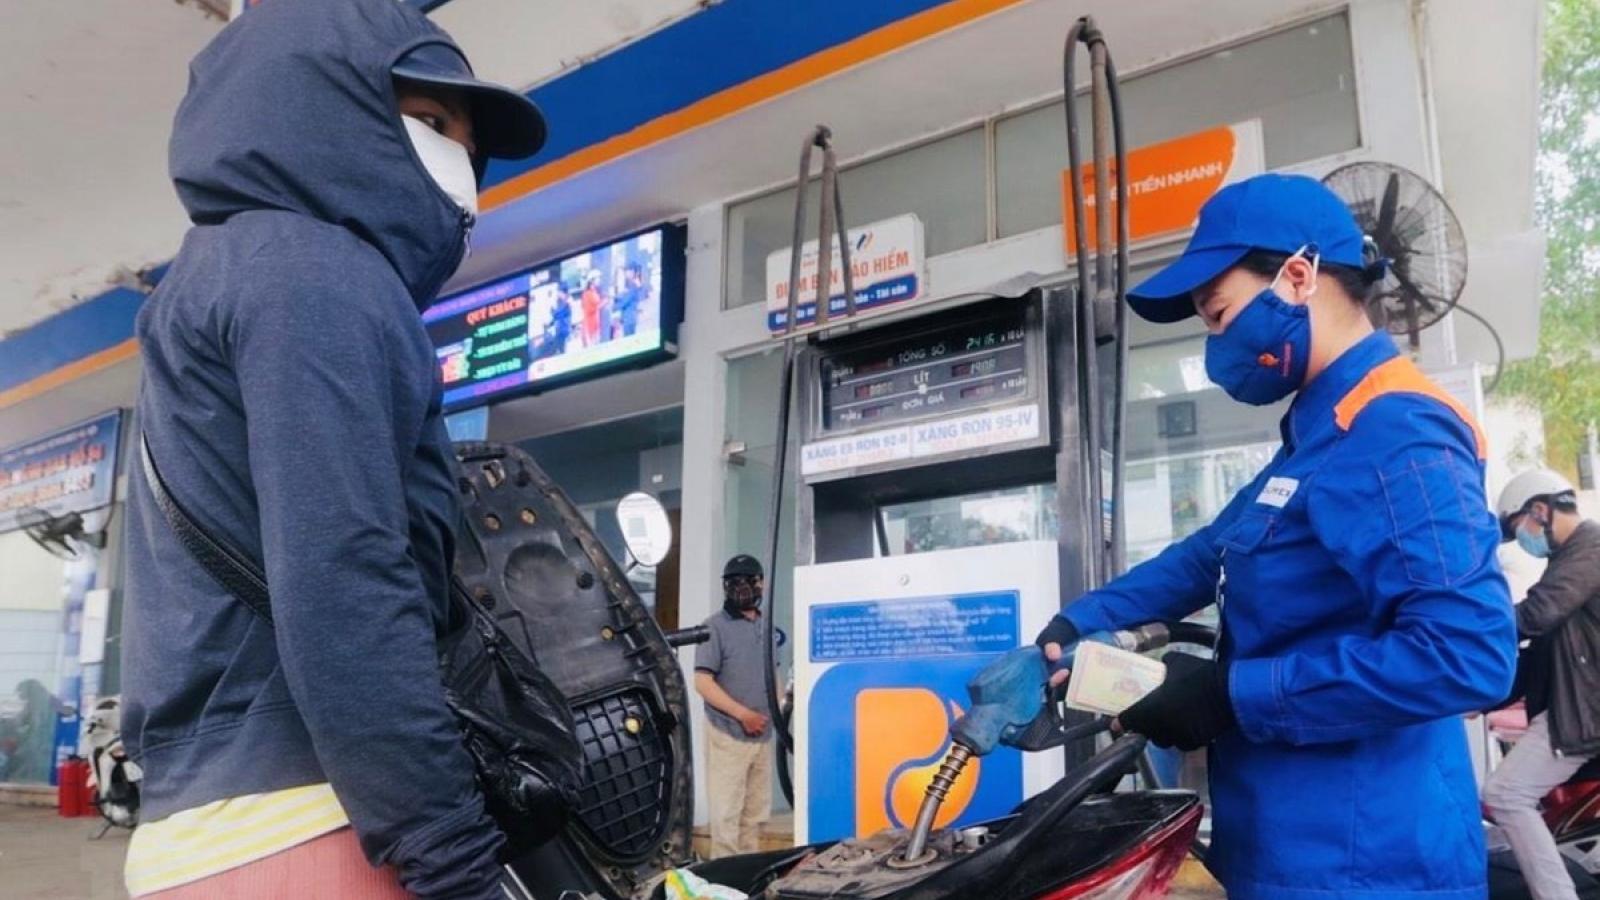 Quỹ bình ổn giá xăng dầu dư hơn 9.200 tỷ đồng